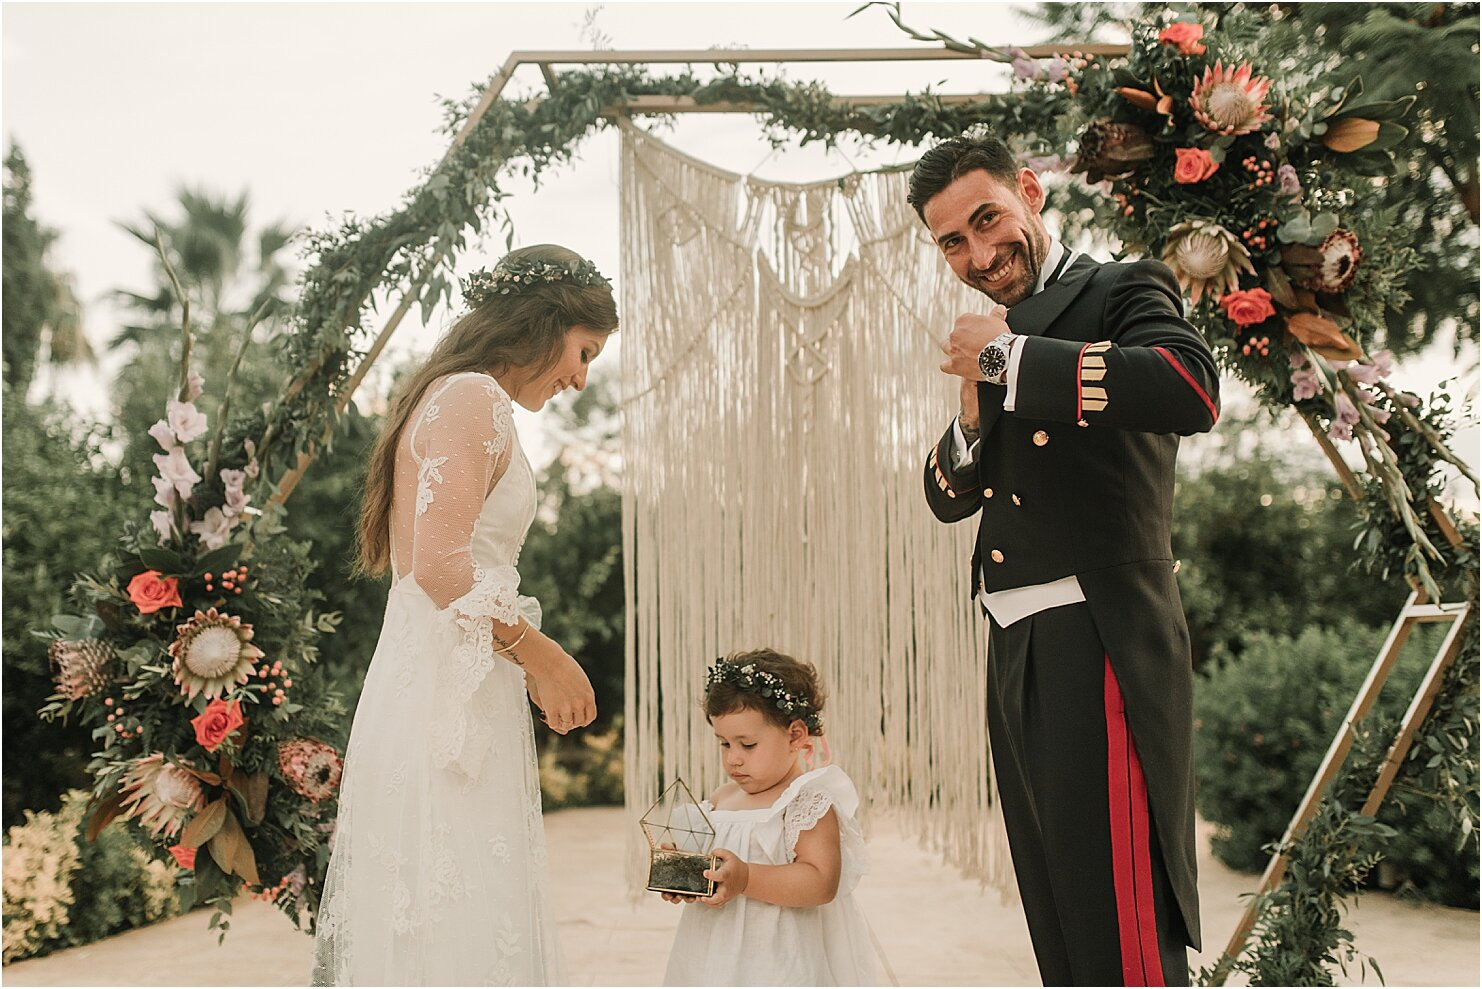 boda-romantica-boda-boho-vestido-de-novia-laura-lomas35.jpg